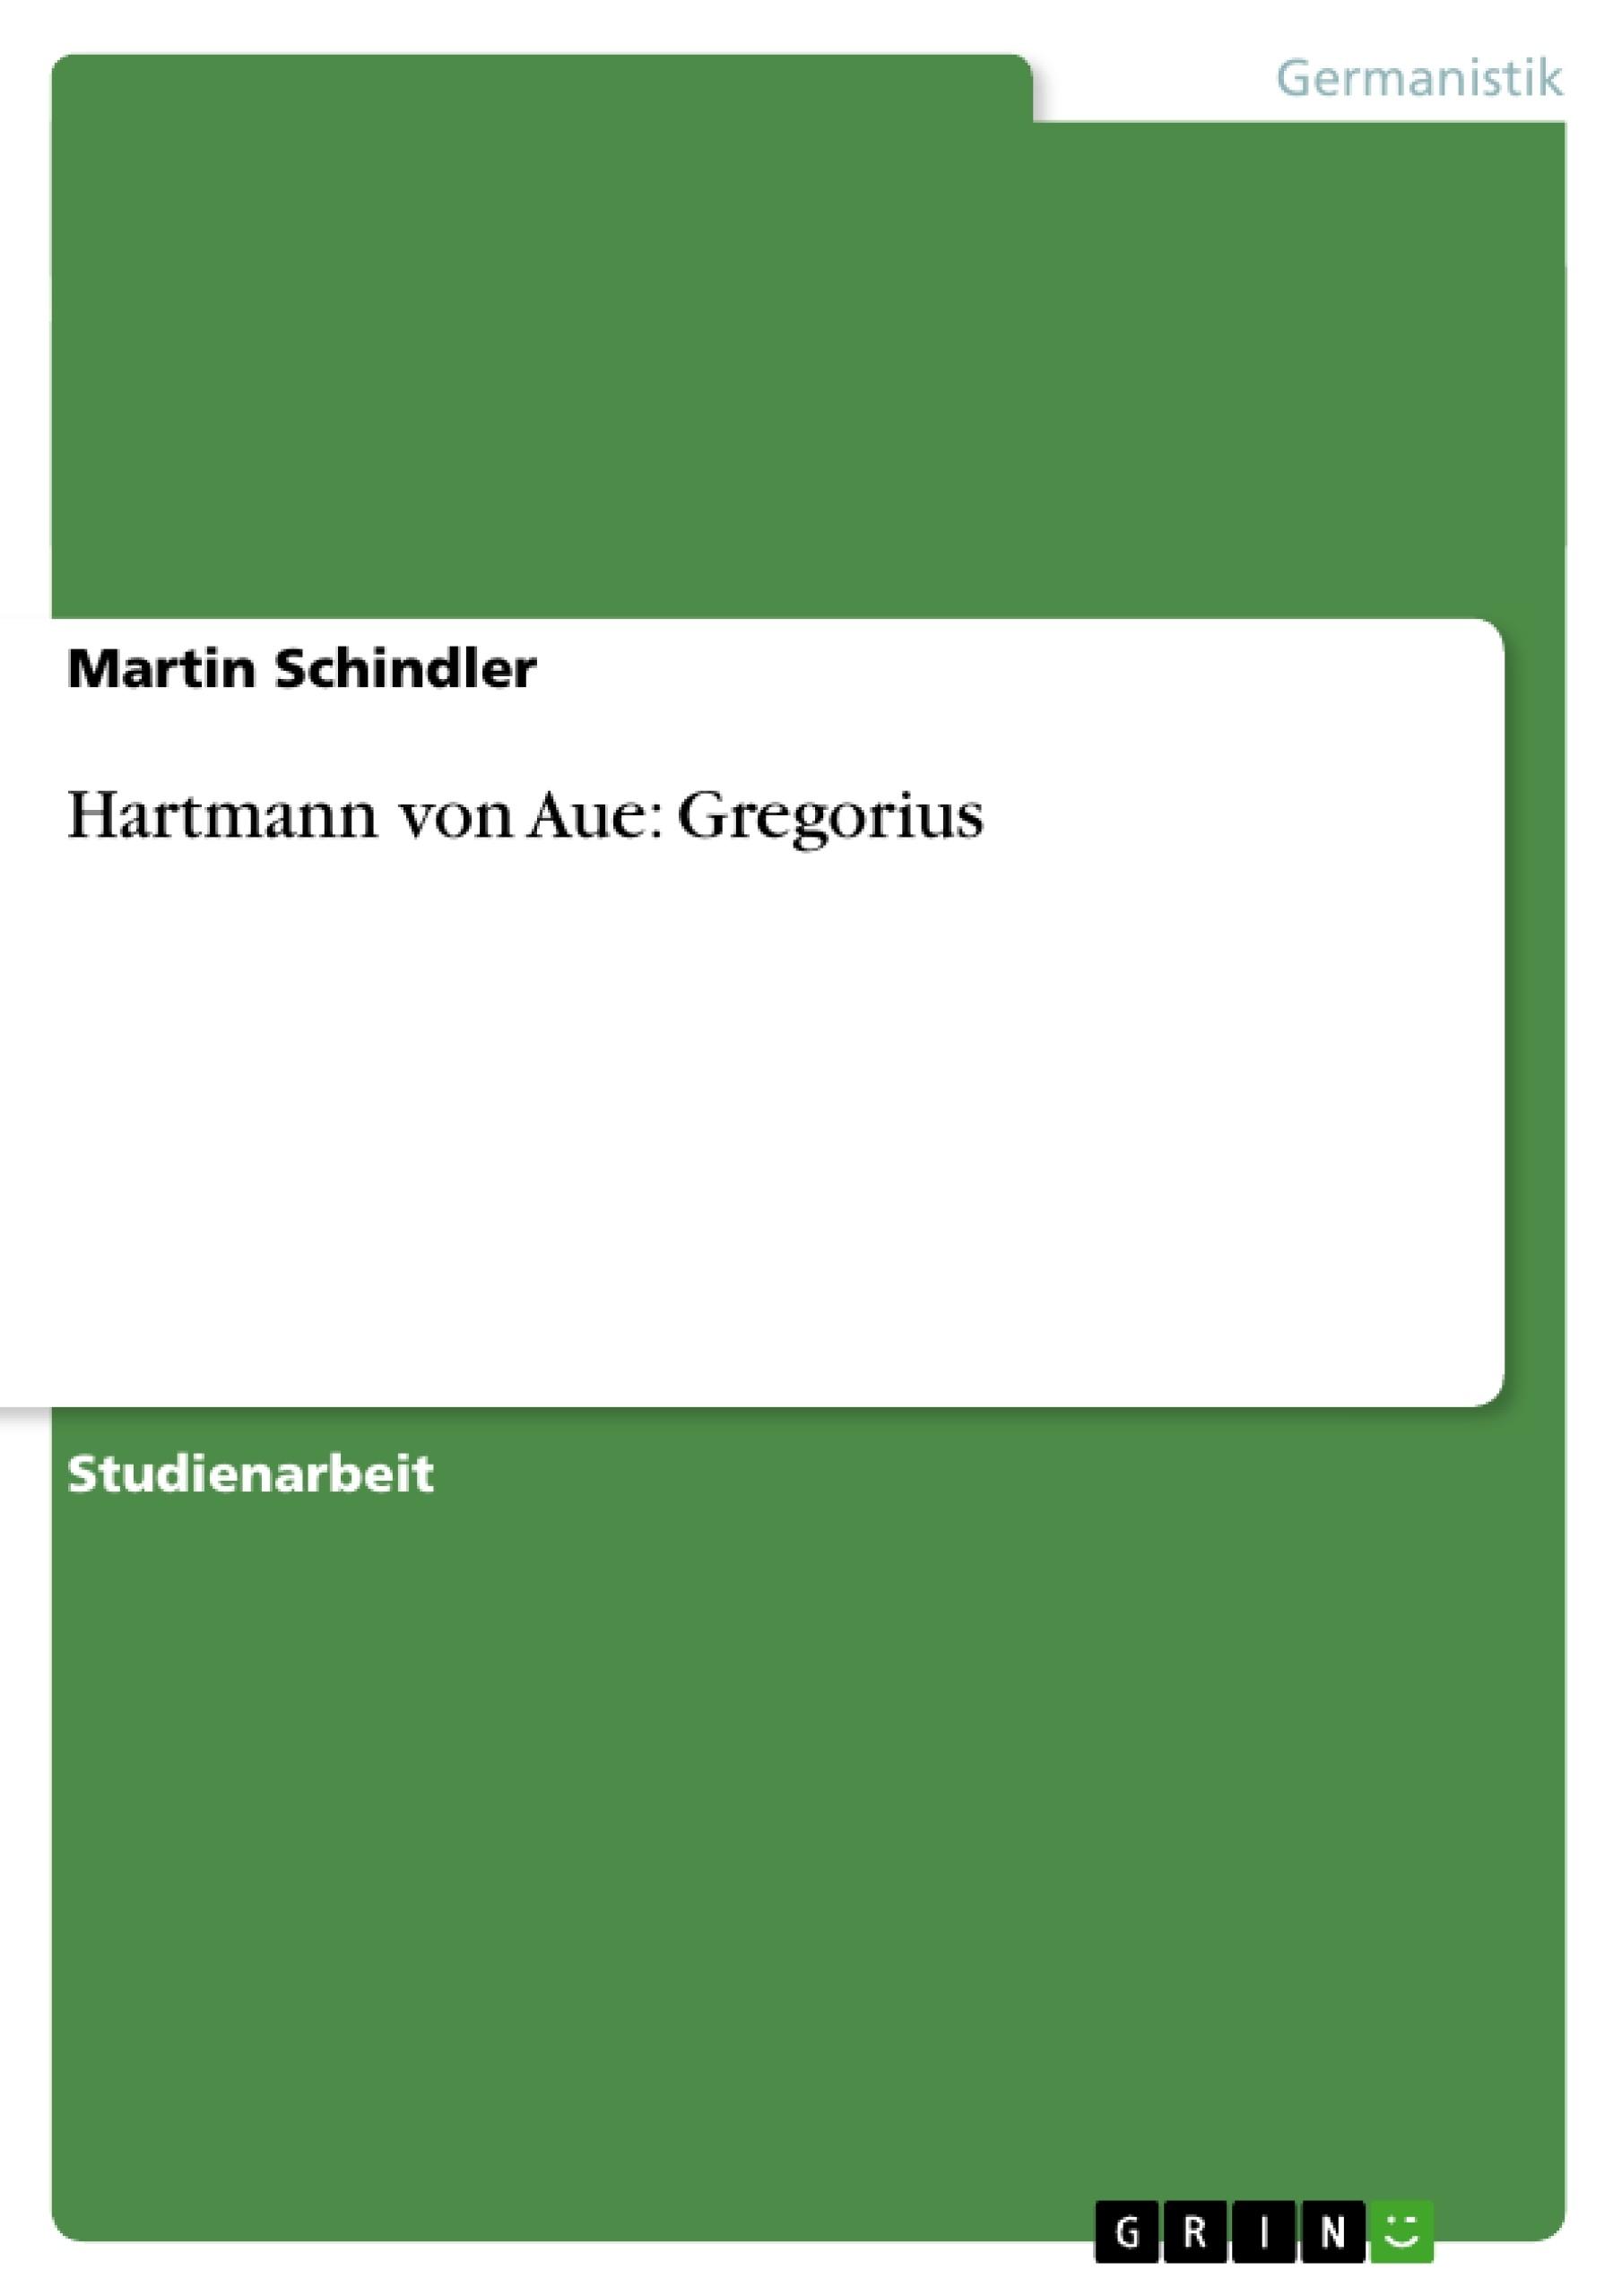 Titel: Hartmann von Aue: Gregorius